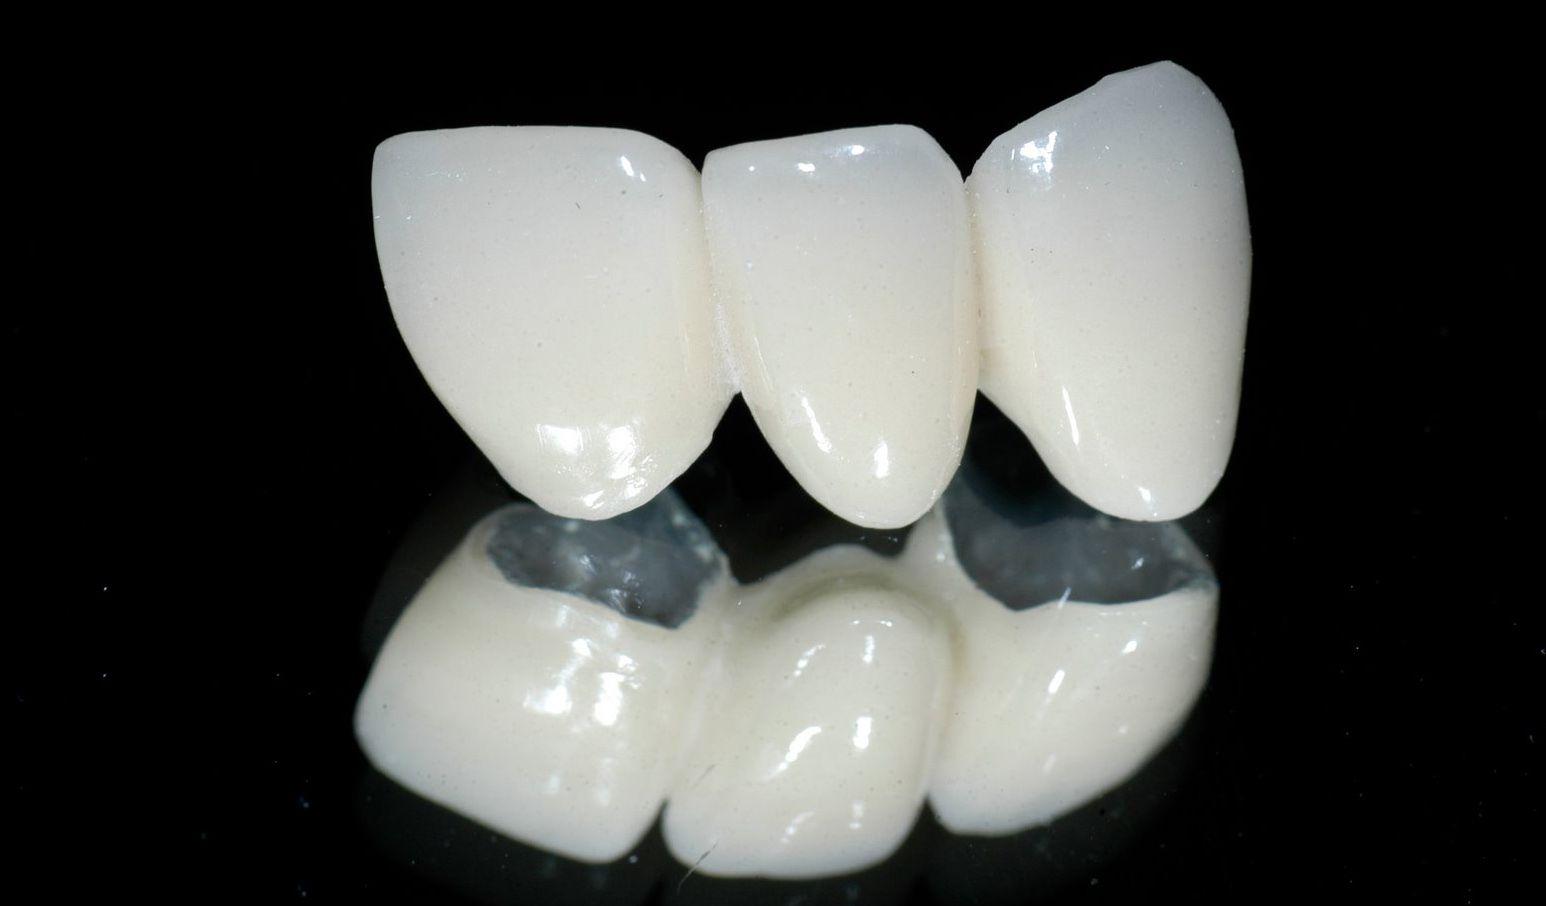 Cấu tạo của răng sứ cercon 2